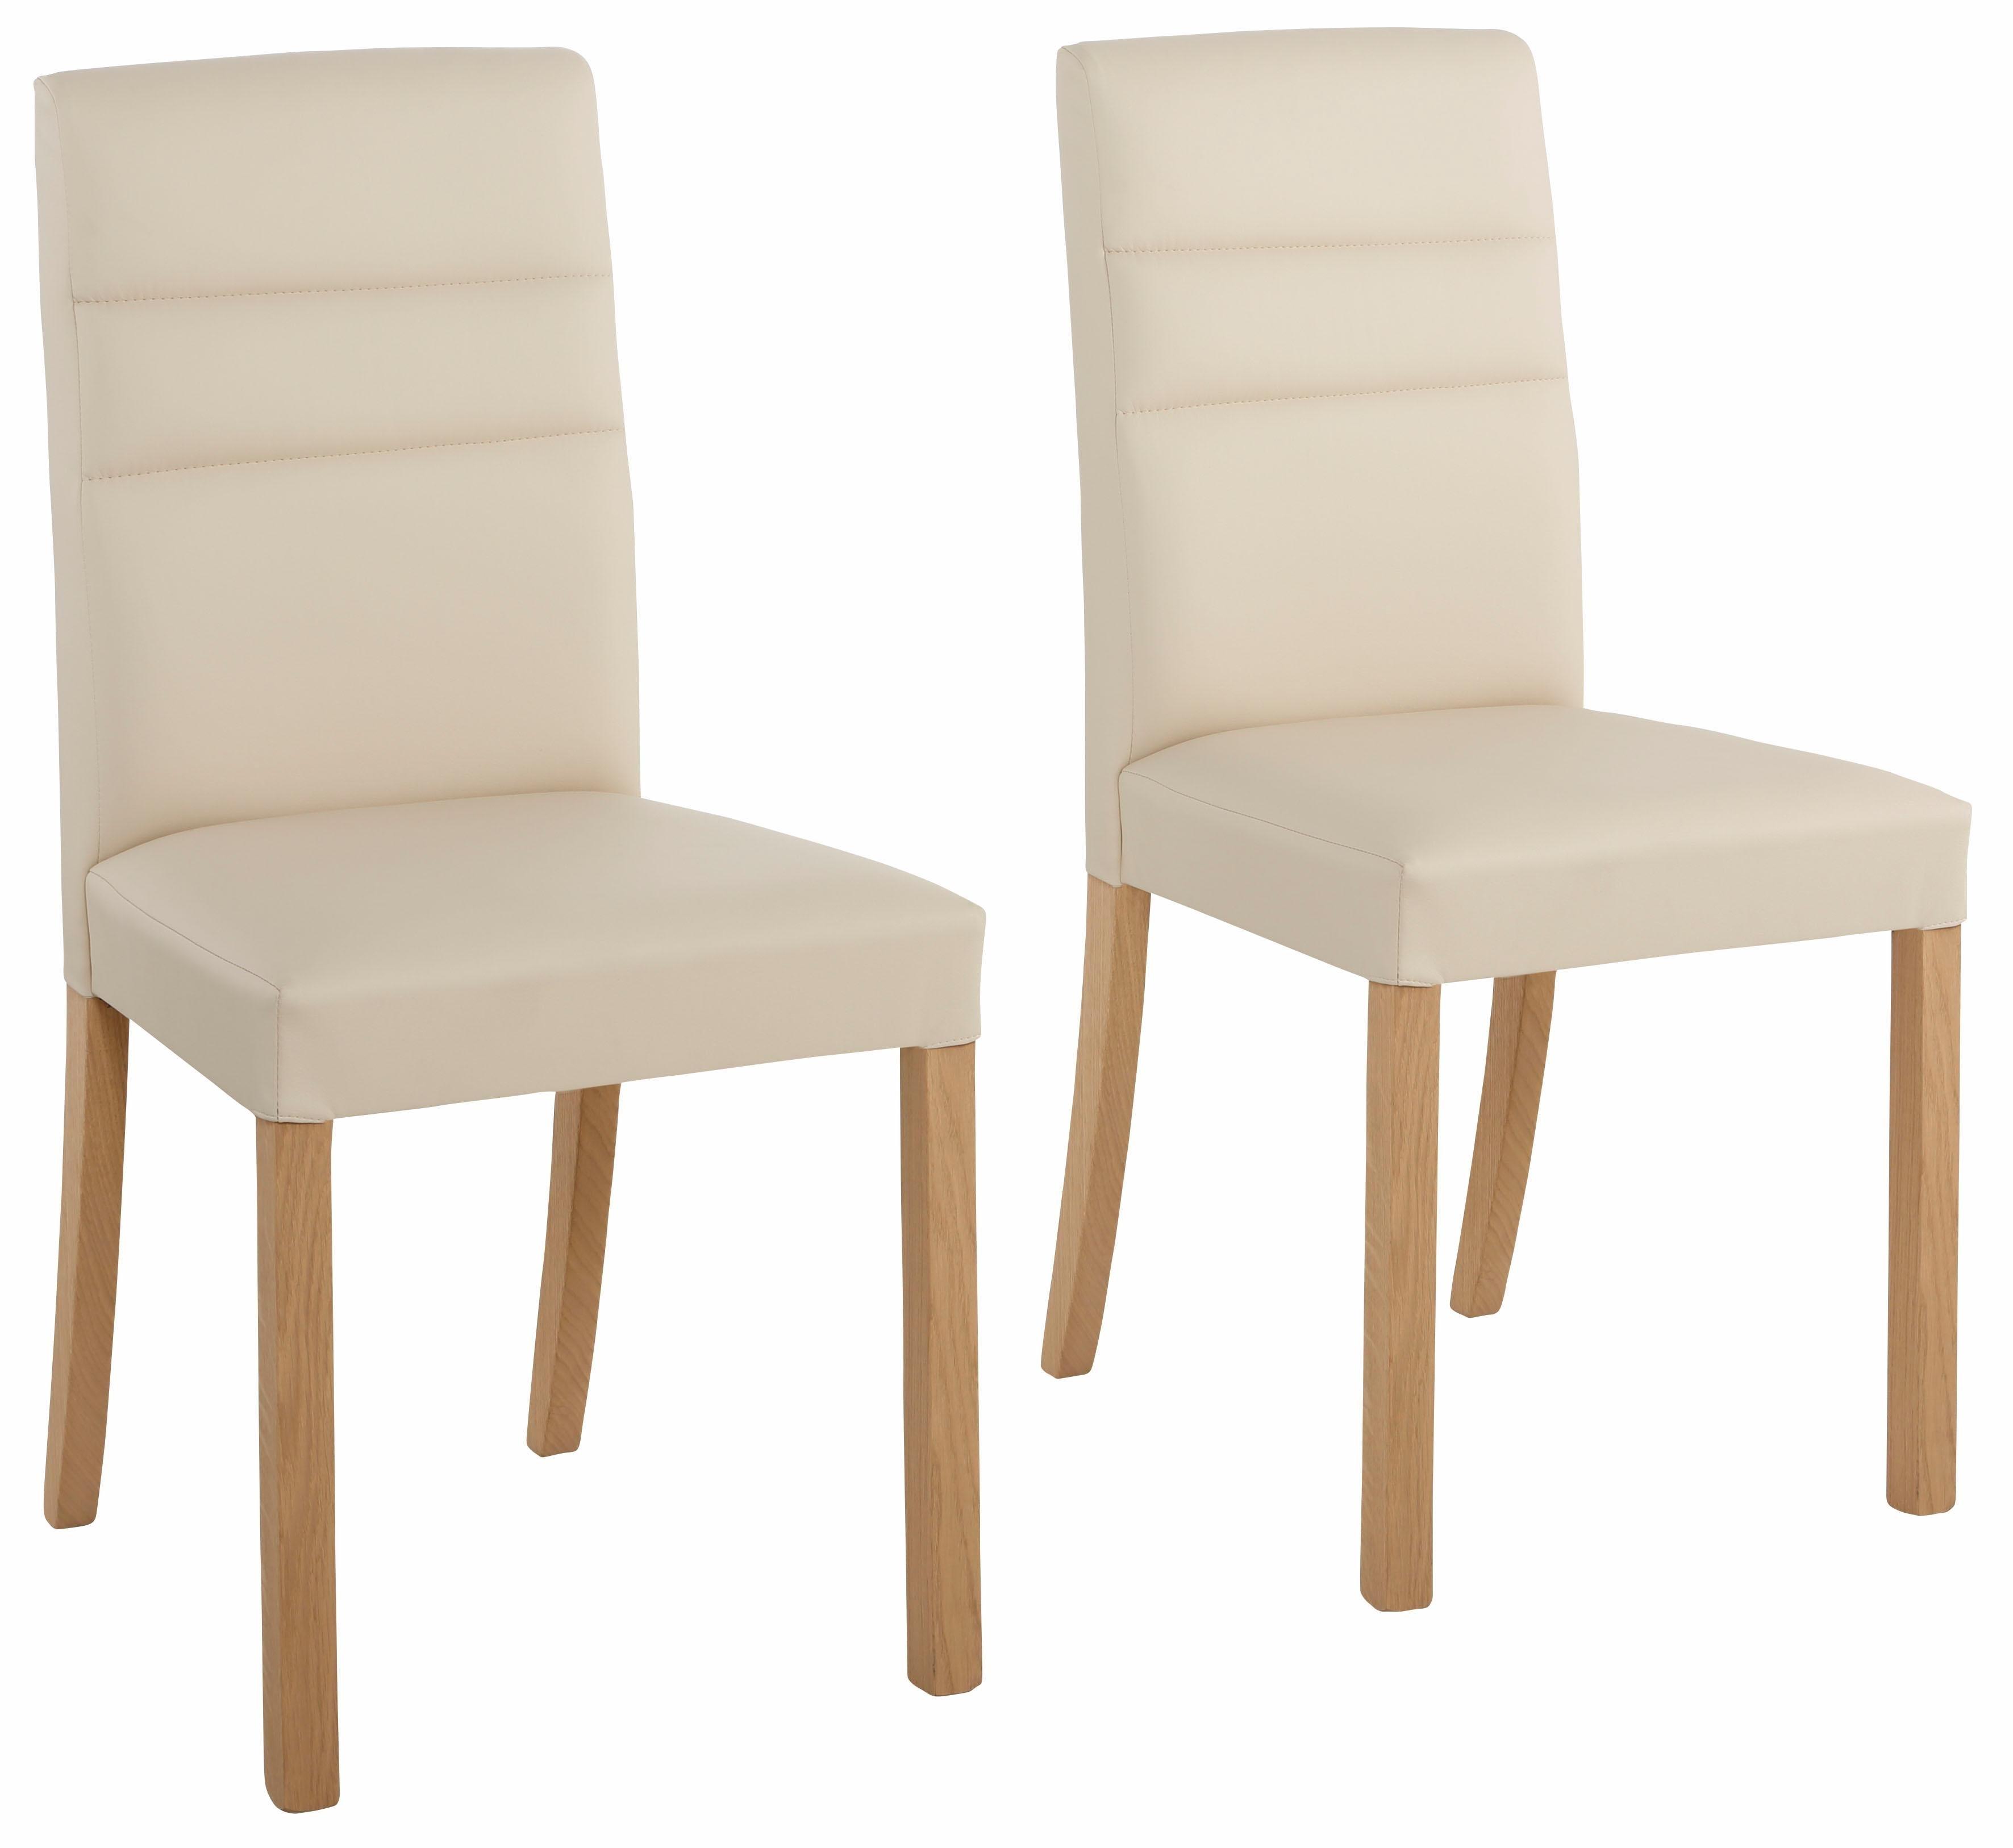 Home Affaire stoel »Lona«, met imitatieleer of structuurstof bekleed, in set van 2, 4 of 6 - verschillende betaalmethodes